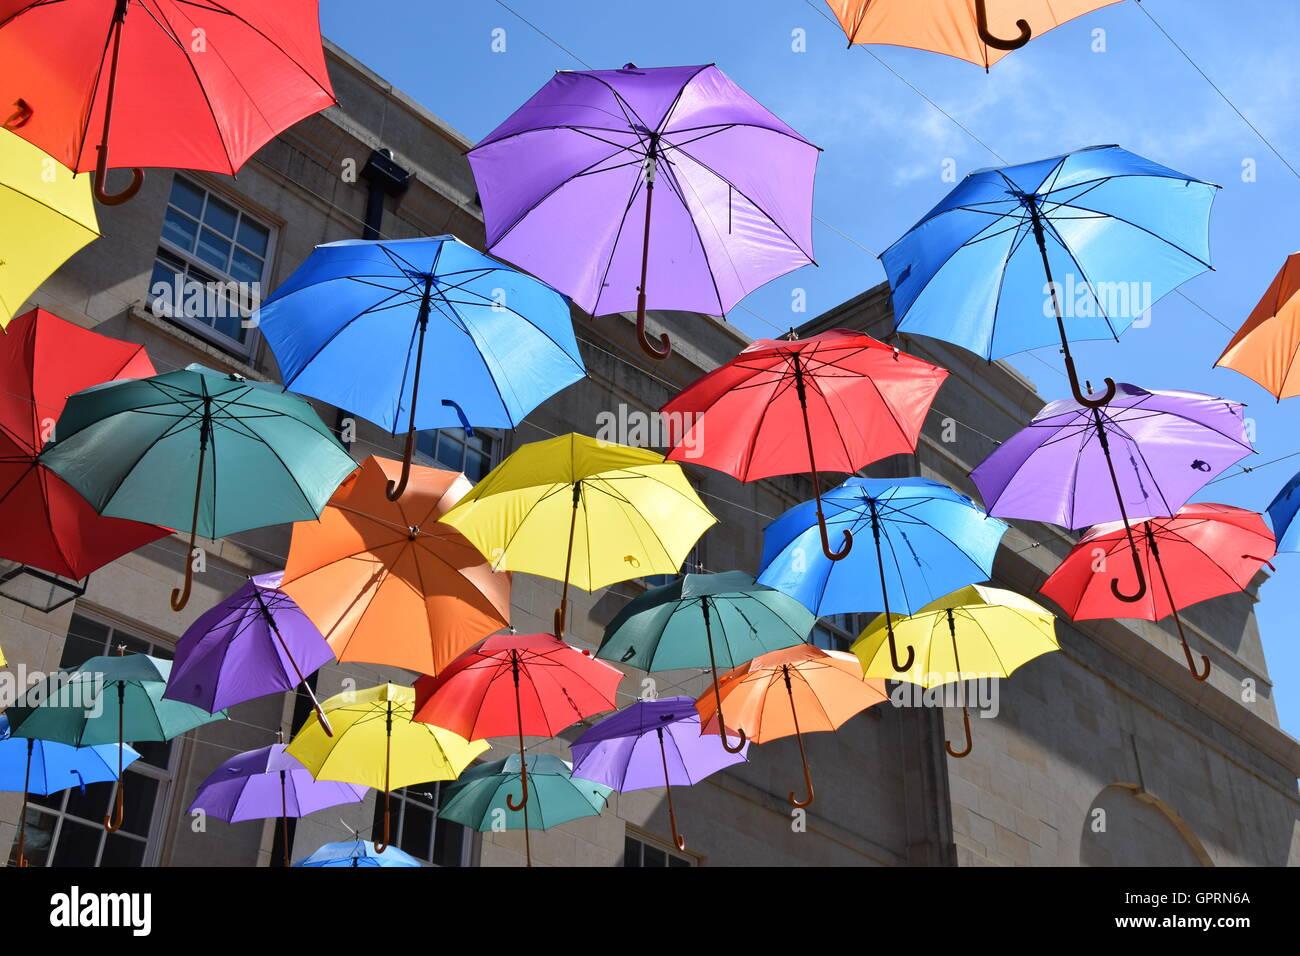 5f2e5de3a Multi-colored umbrellas against blue sky over a street - Stock Image